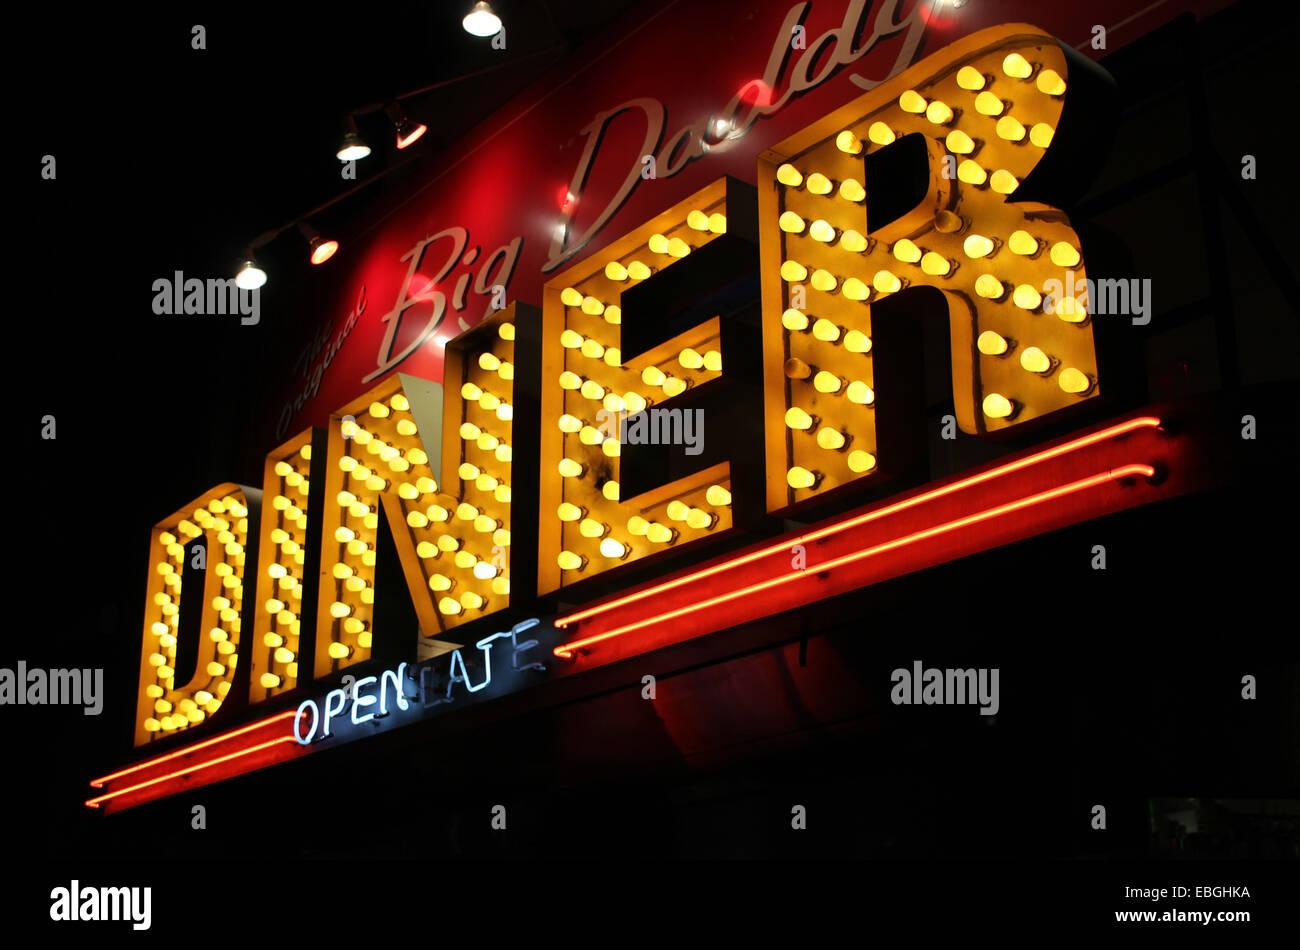 Ein jazzigen Zeichen von einem traditionellen american Diner in Manhattan, New York. Stockbild